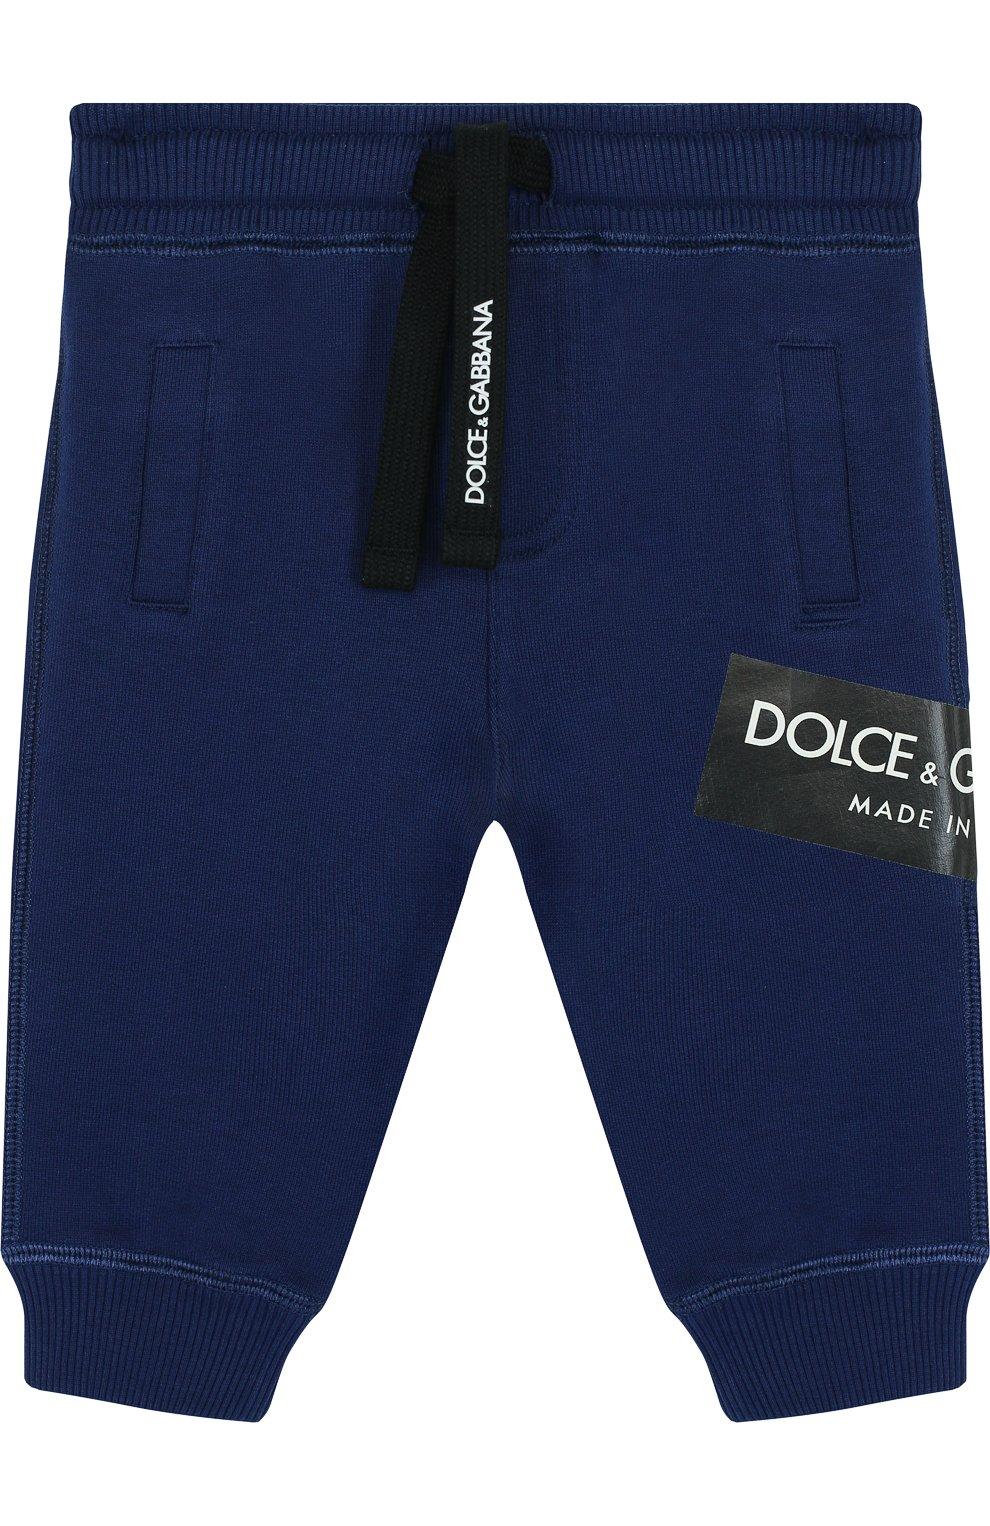 Детские хлопковые джоггеры с логотипом бренда DOLCE & GABBANA синего цвета, арт. L1JPR9/G7MZ0   Фото 1